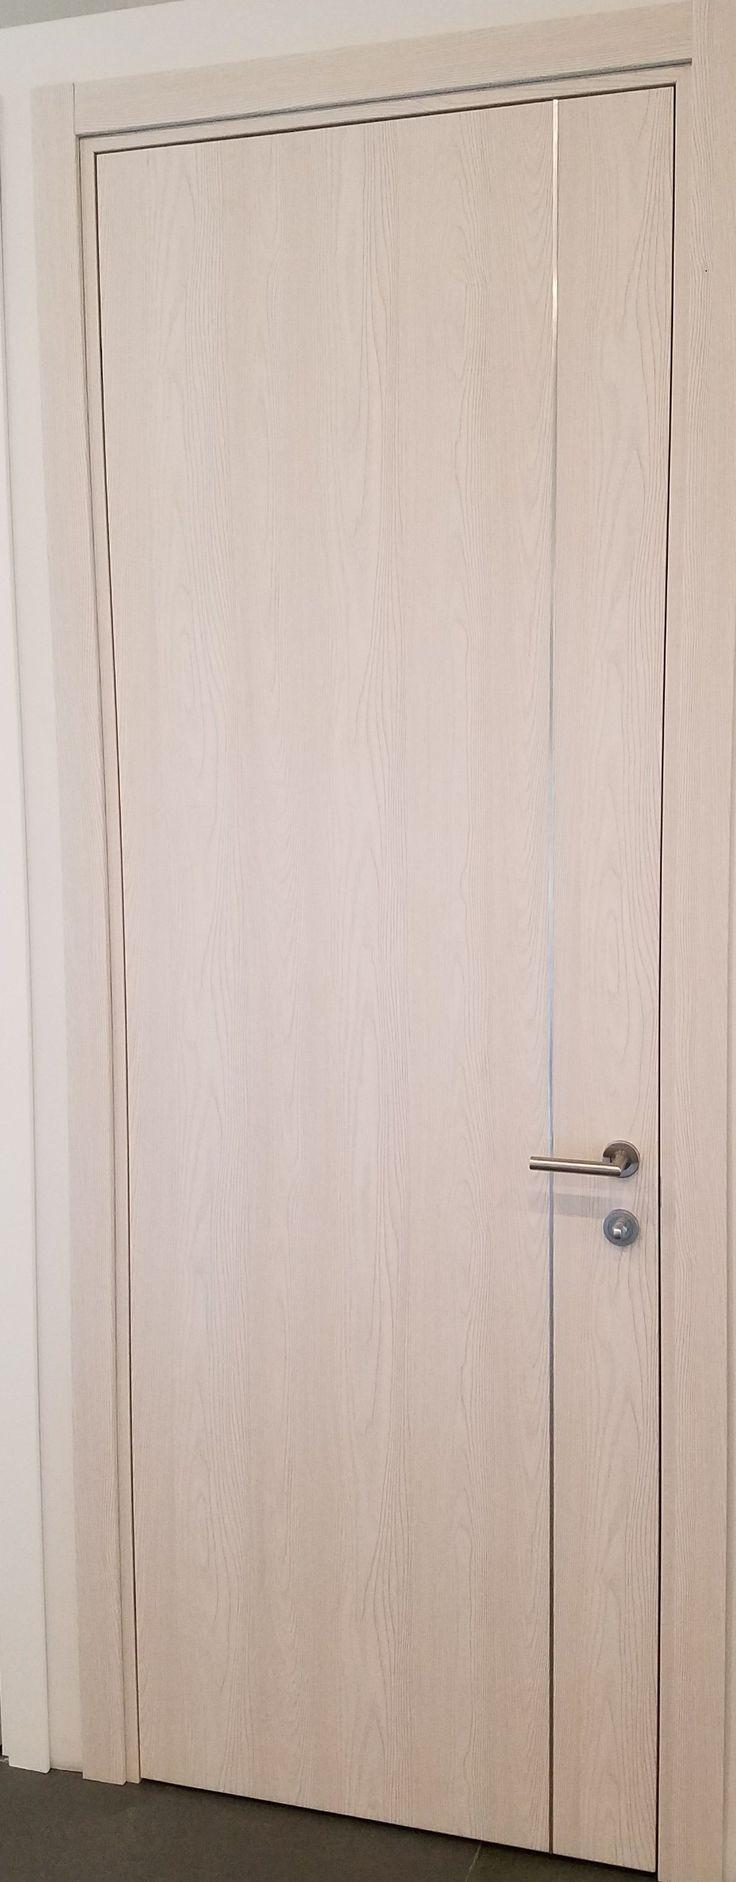 Ital Doors (in white matte) & 9 best Bedroom ideas images on Pinterest | Bedroom ideas Bedding ...